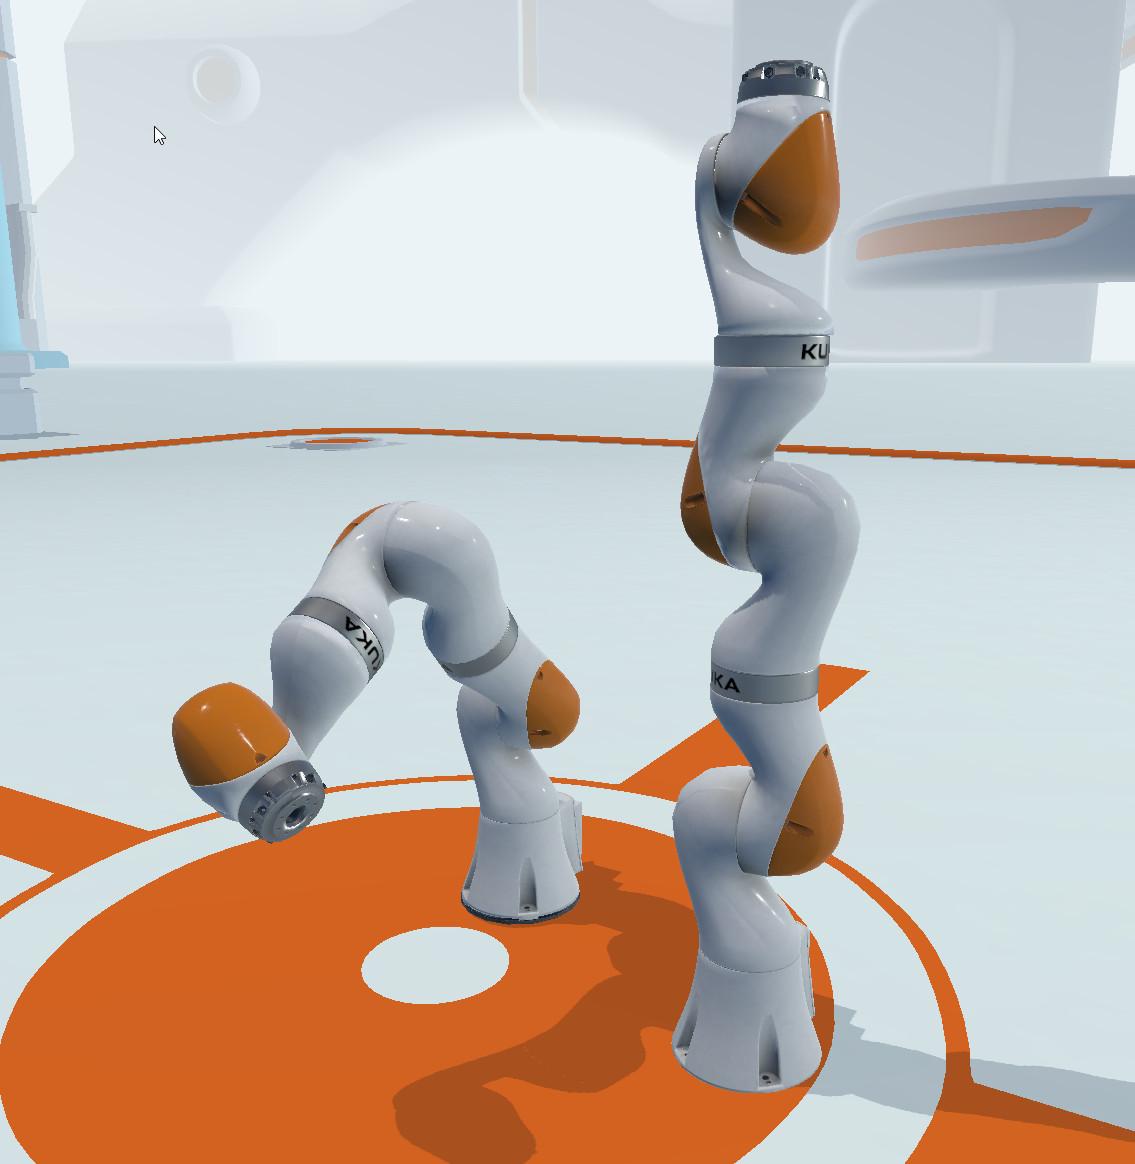 Fully functioning Kuka Robot Arm 25k tris, 1024 texture